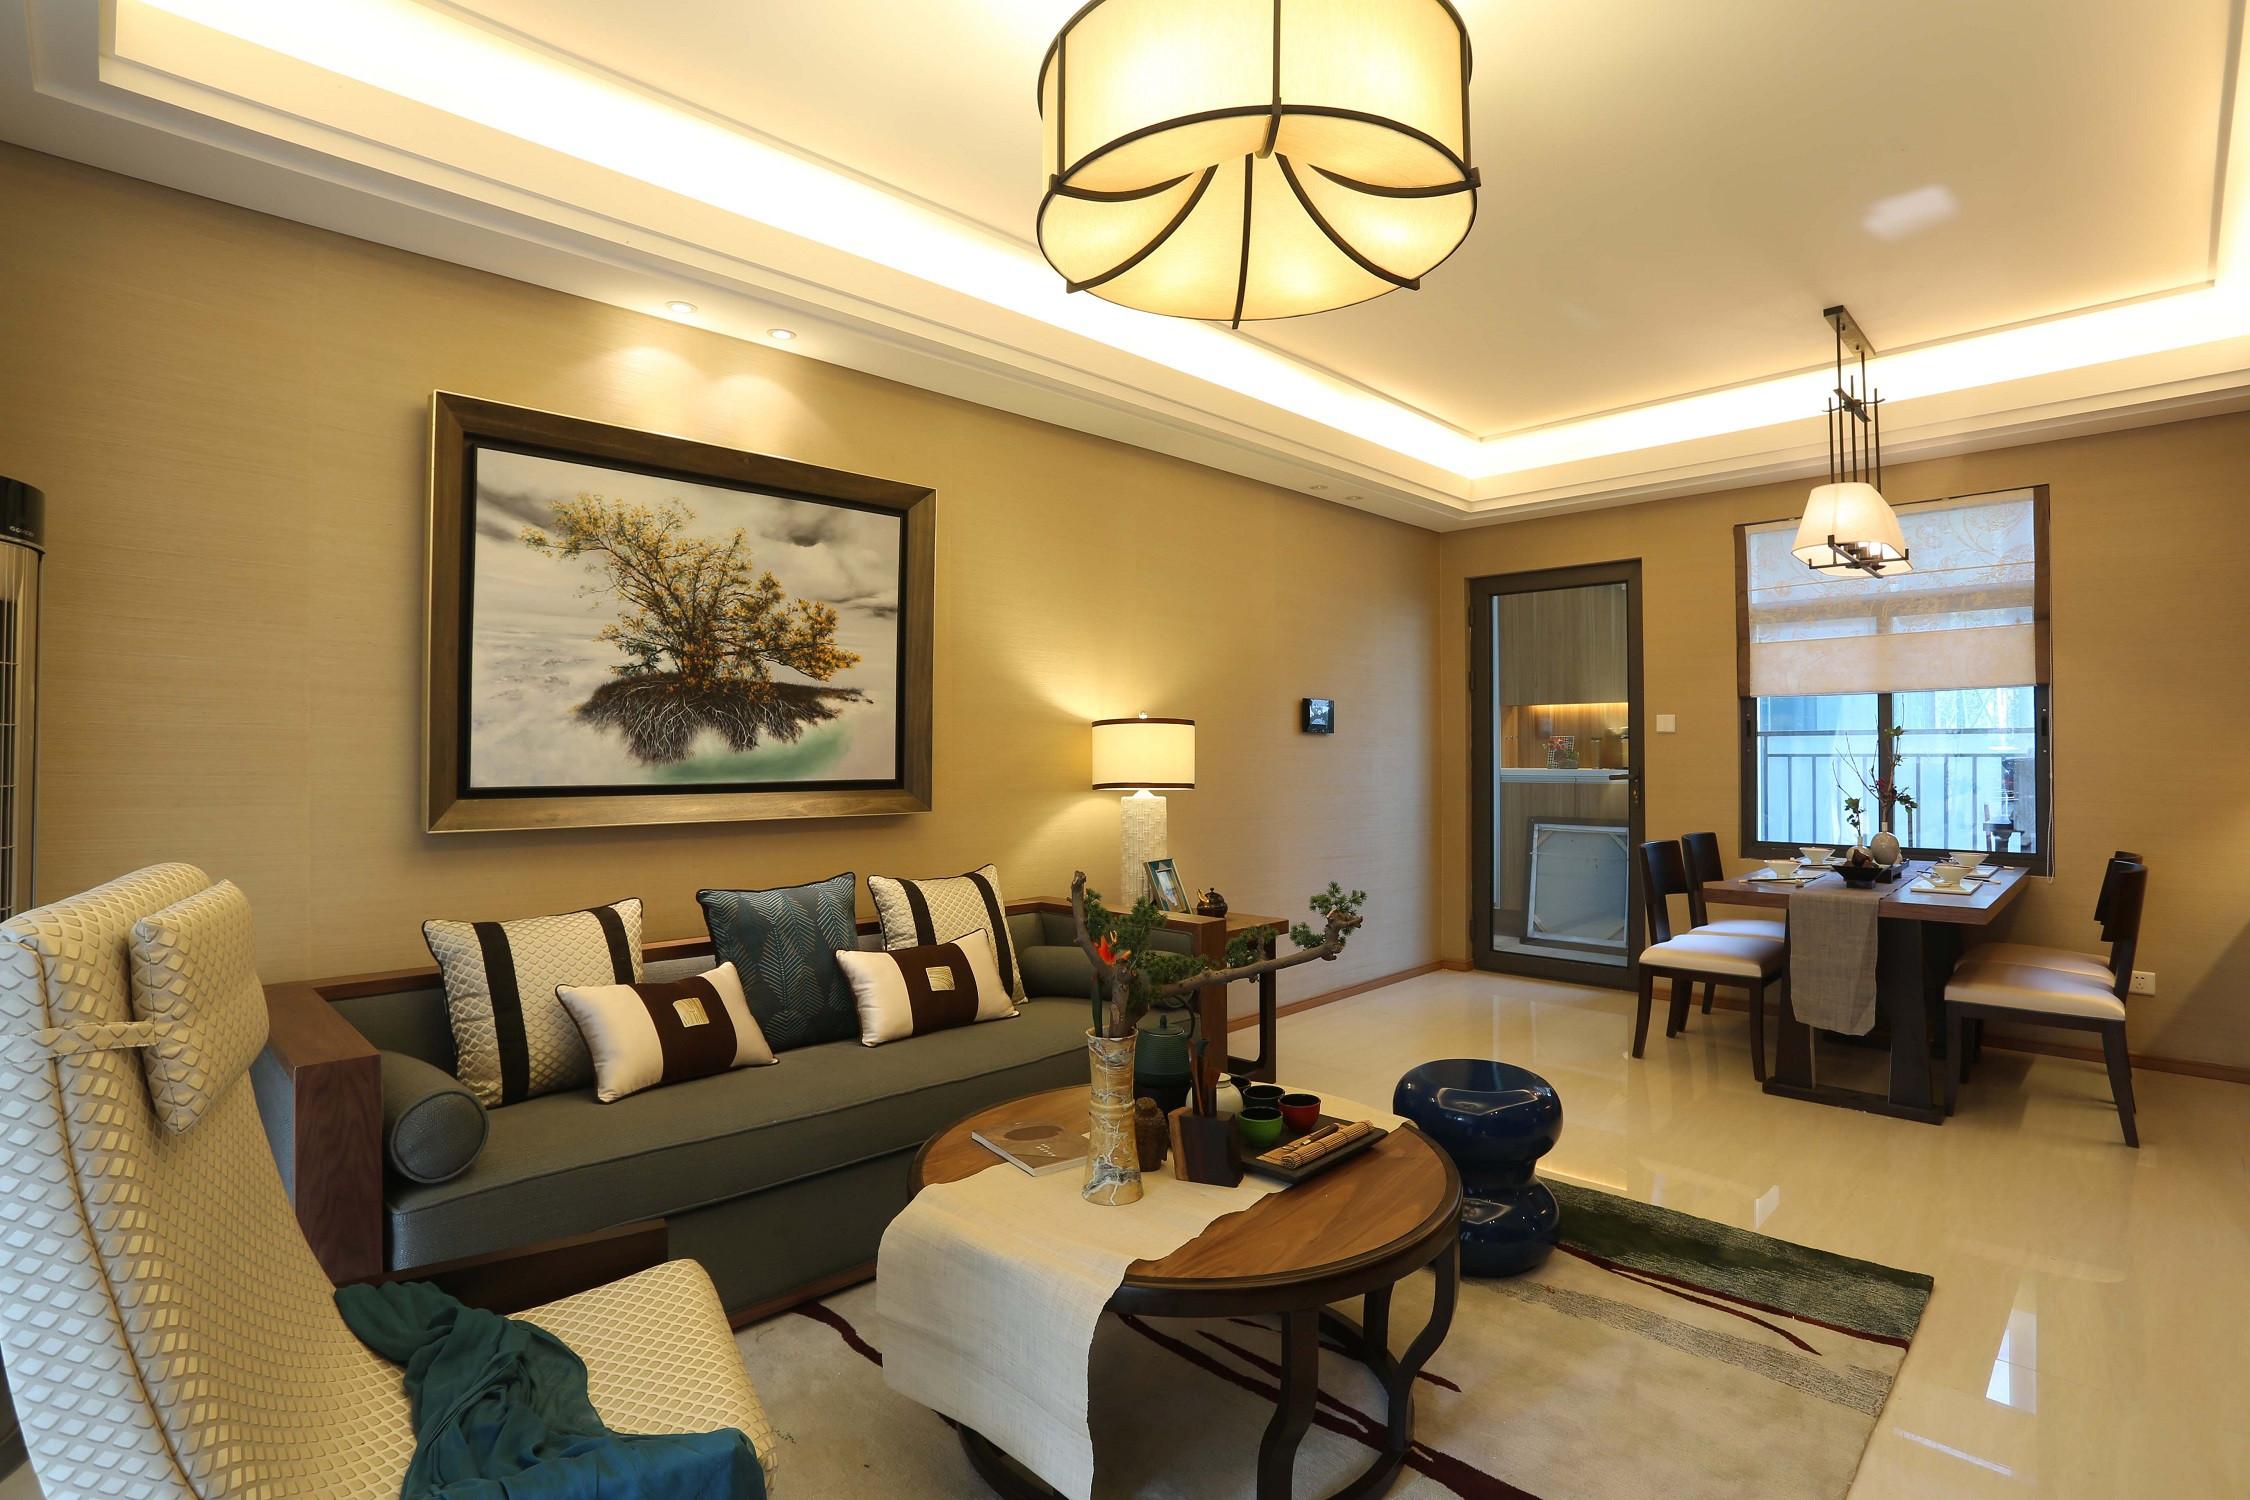 混搭中式装修沙发背景墙设计